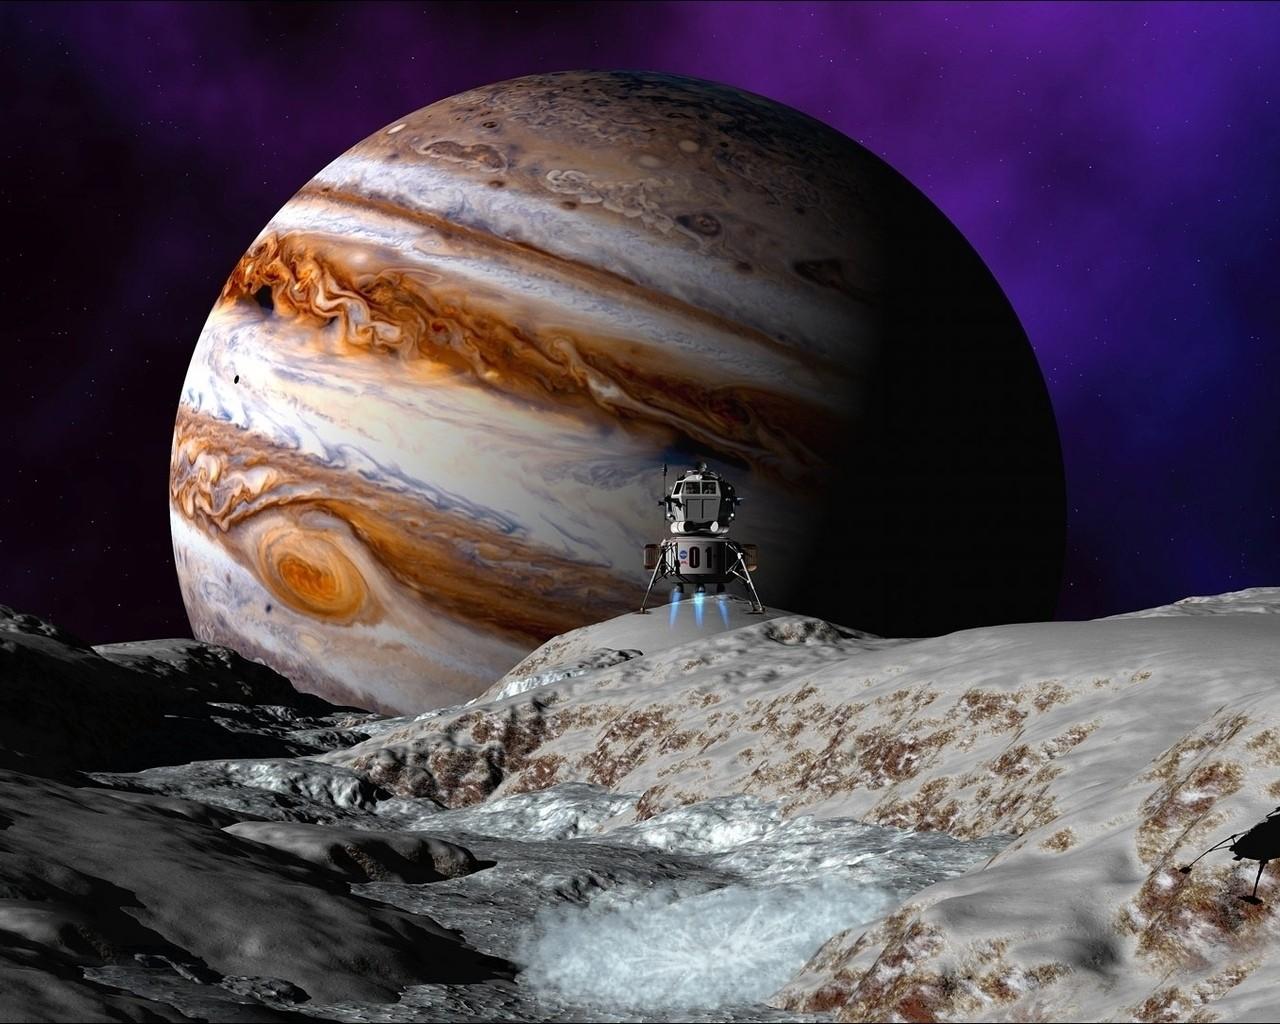 Уфологи обнаружили наповерхности Венеры инопланетные колонии